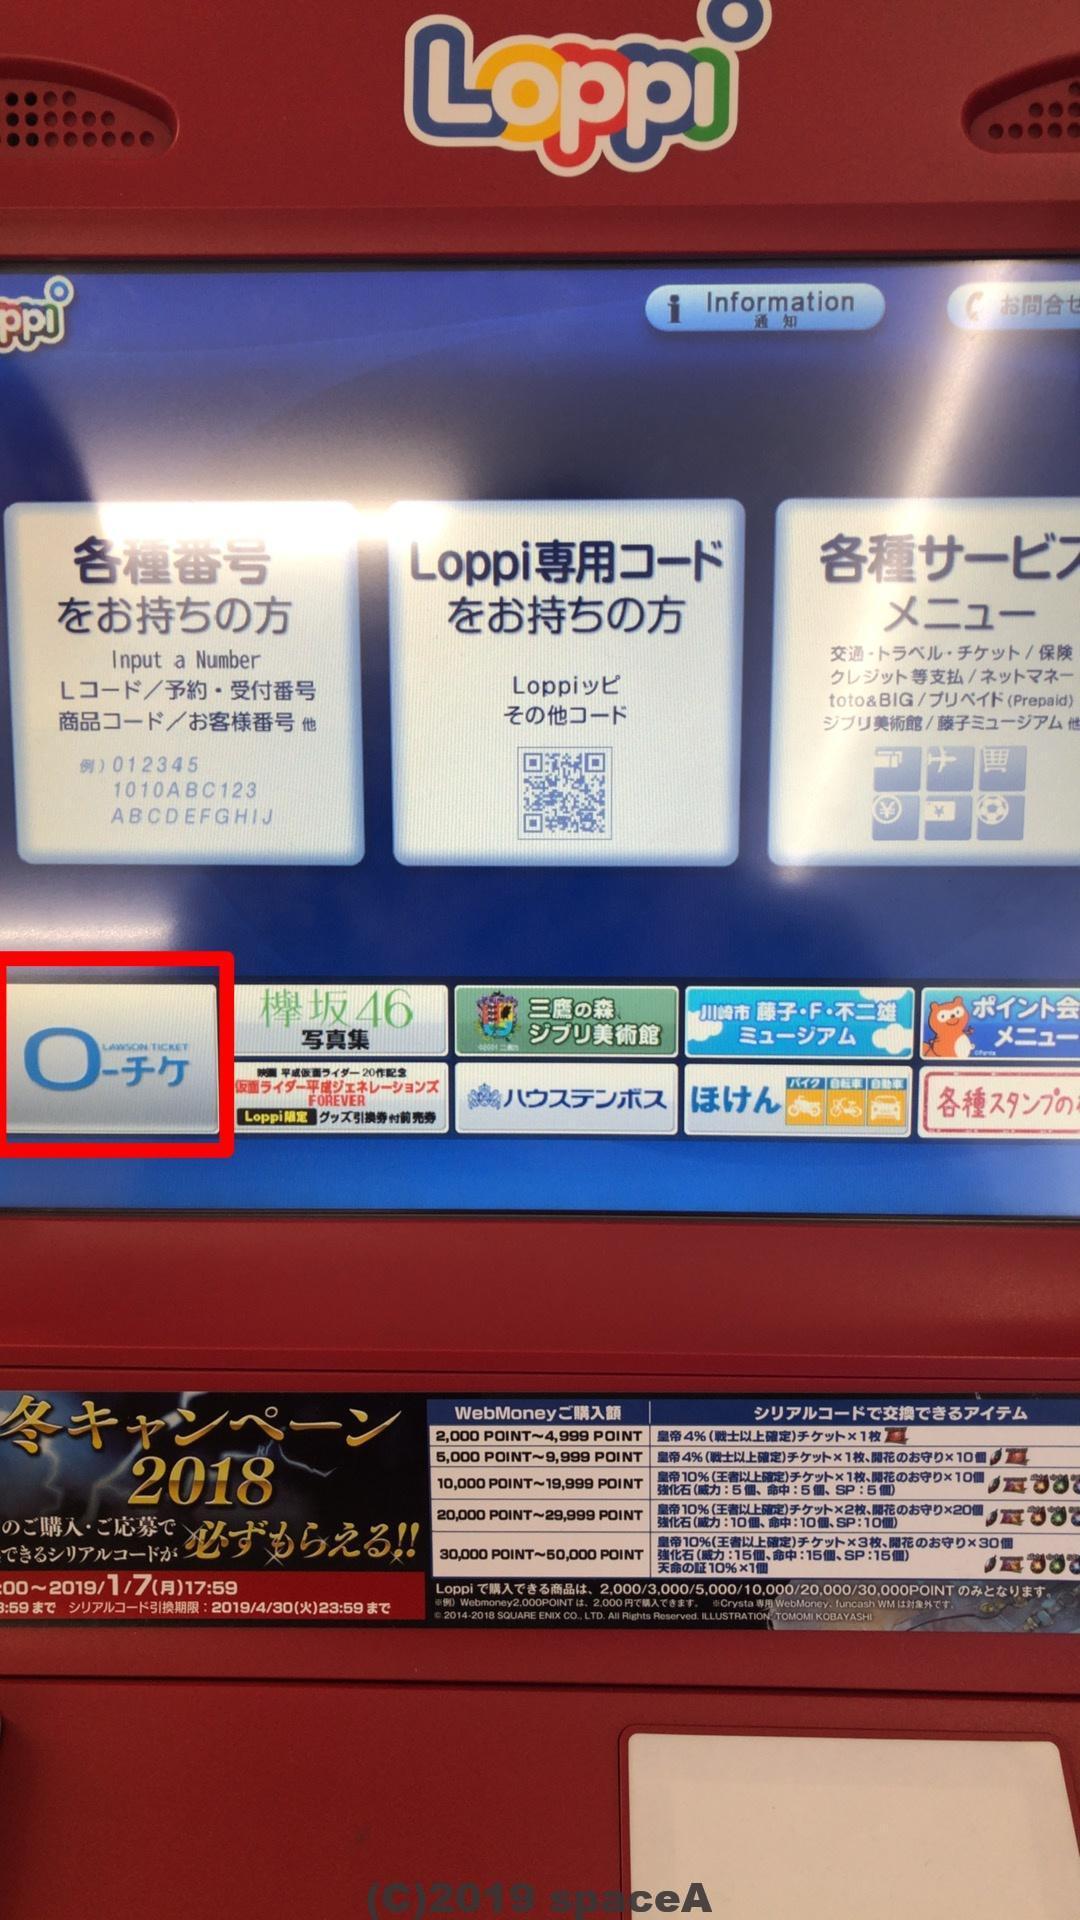 ローソンにあるLoppiでローチケを選ぶ画面